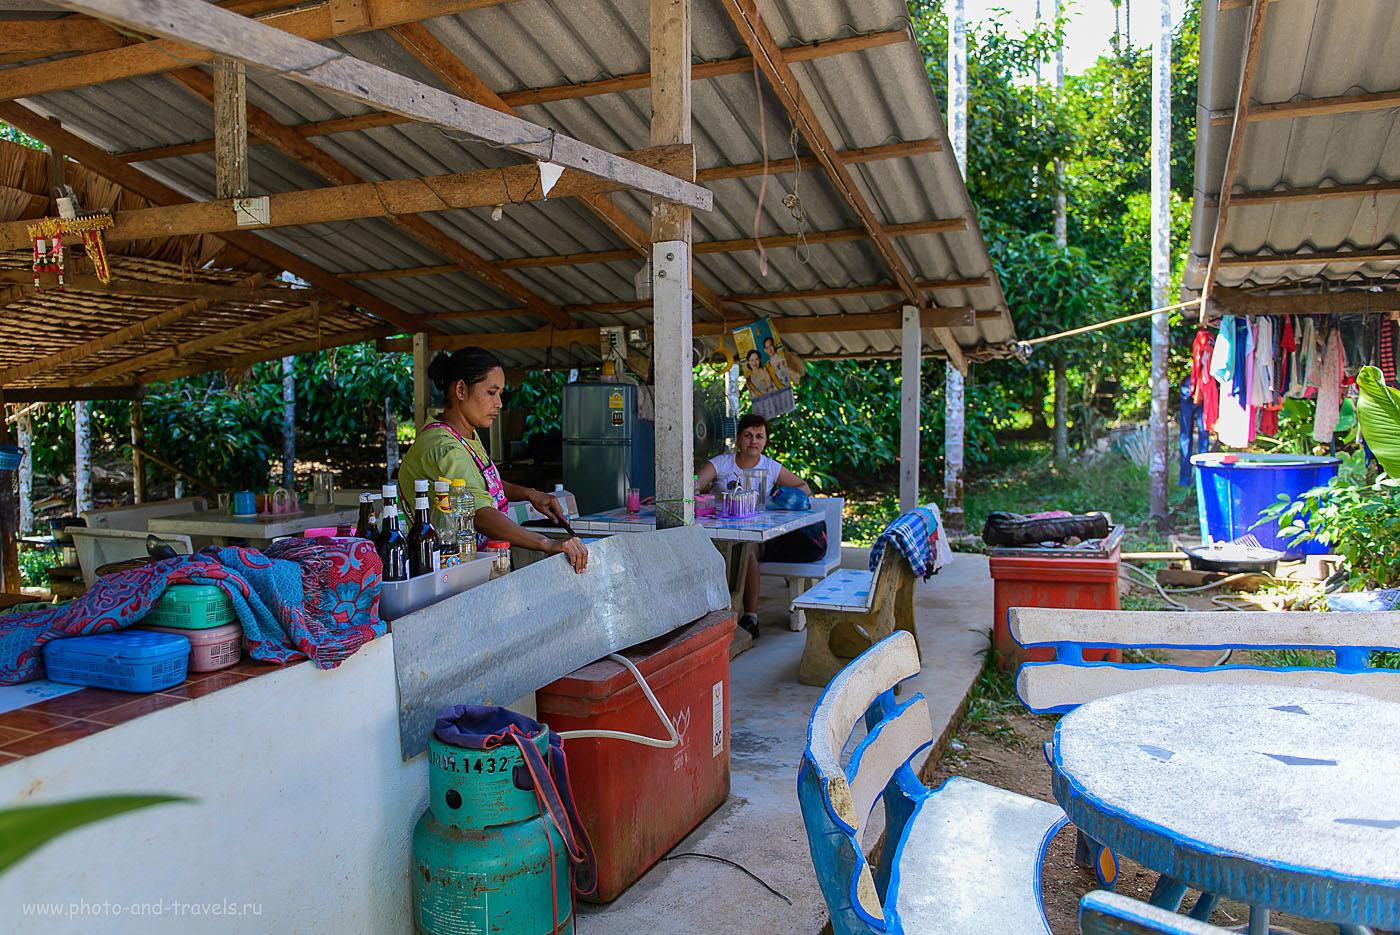 Фотография 5. В кафе по дороге в Ранонг. Отзывы об отдыхе в Тайланде